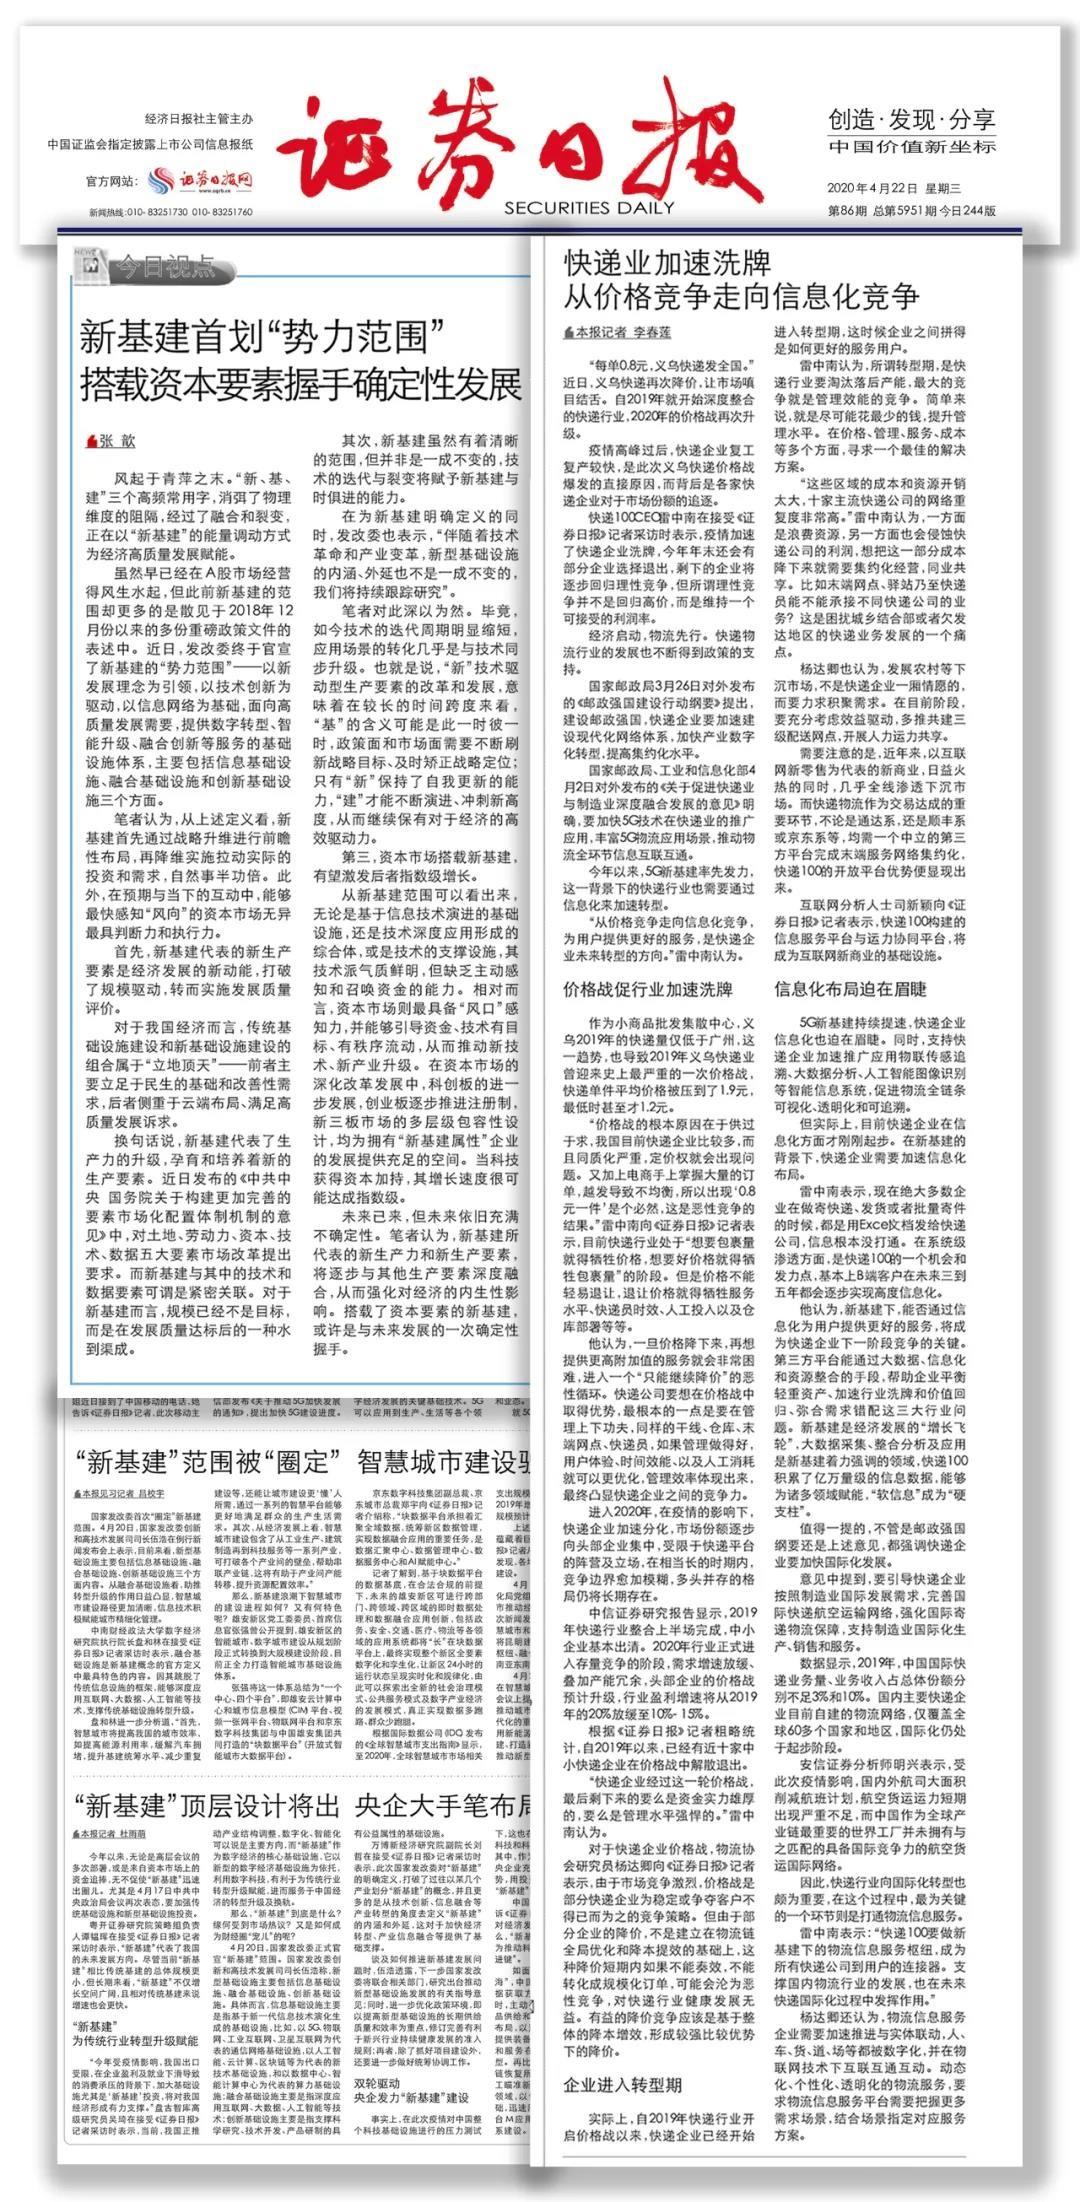 专访快递100雷中南:新基建下信息化竞争将加ω速快递业洗牌